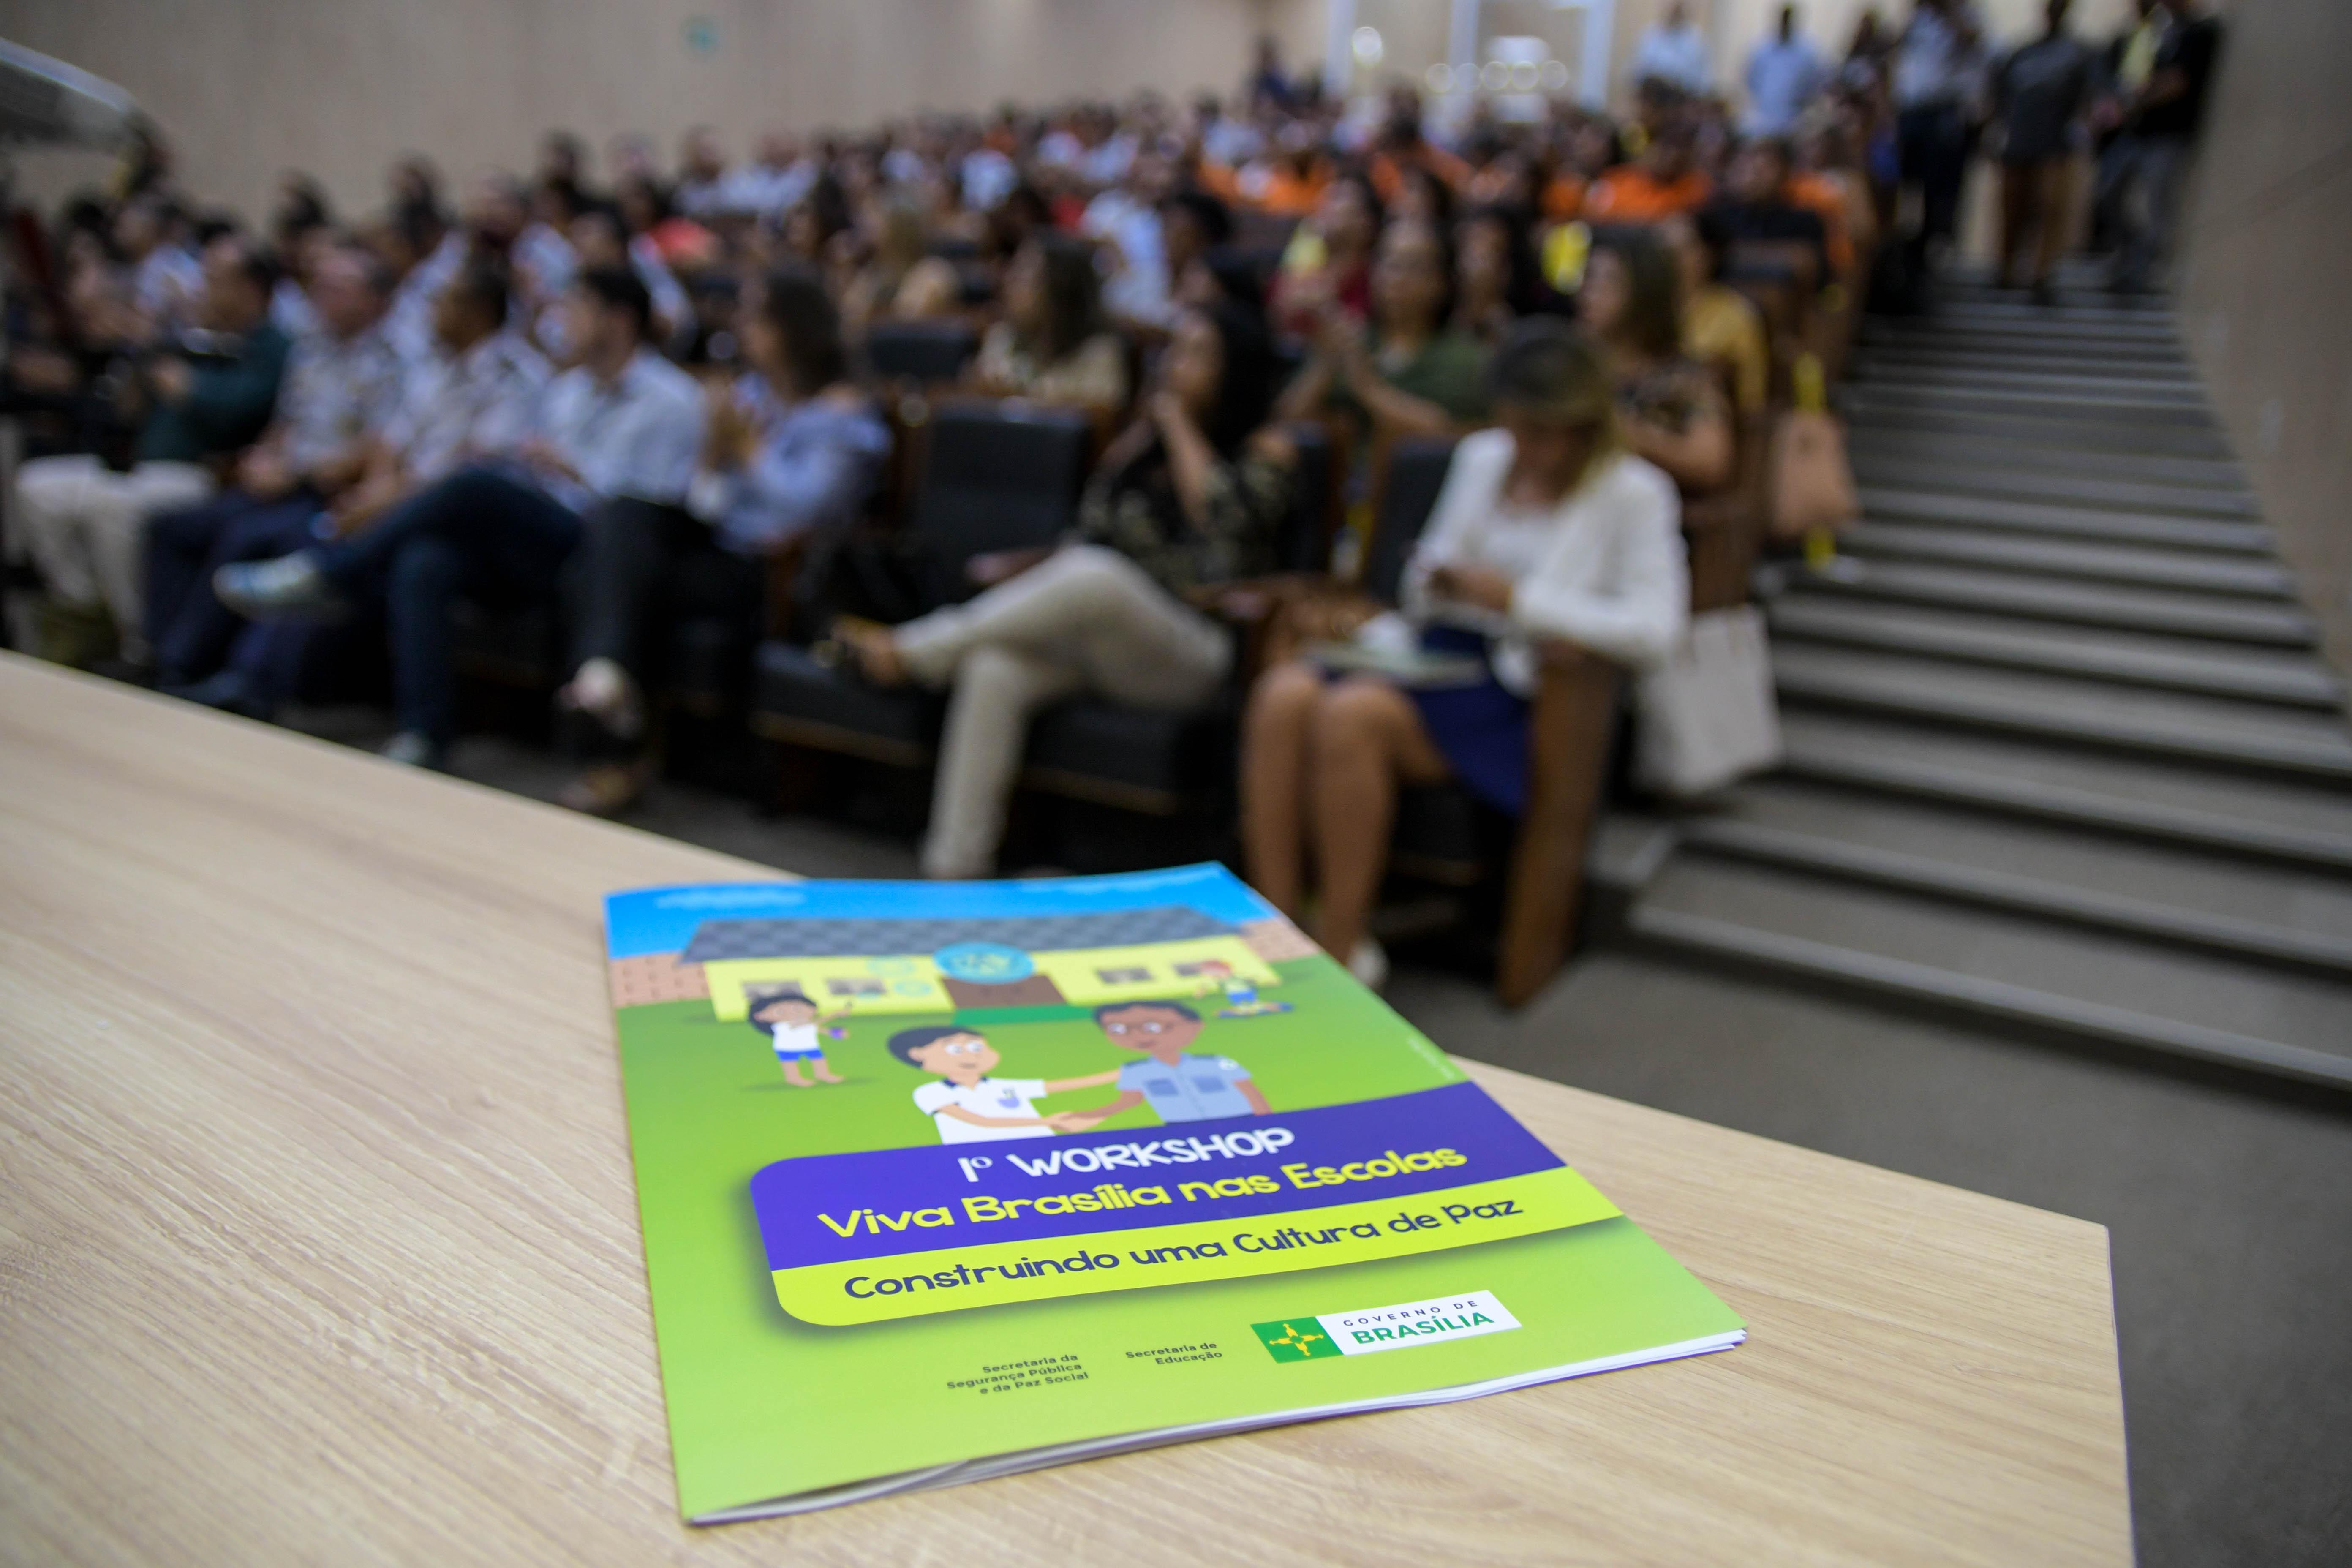 """Implantado, em 2016, o projeto piloto Viva Brasília nas Escolas, que consiste no estabelecimento de mútua cooperação entre a Secretaria da Segurança Pública e da Paz Social e a Secretaria de Educação visando prevenir e reduzir vulnerabilidades sociais e criminais nas escolas públicas do Distrito Federal e seus perímetros, por meio: <ul>    <li>Do desenvolvimento de diagnóstico da situação de violência no ambiente escolar</li> </ul><ul>    <li>Da valorização dos profissionais de educação e segurança</li> </ul><ul>    <li>Da formação da comunidade escolar</li> </ul><ul>    <li>Da articulação de políticas sociais, programas, projetos e ações que promovam a Cultura de Paz</li> </ul> Mais informações (<a href=""""http://www.ssp.df.gov.br/noticias/item/4051-viva-bras%C3%ADlia-nas-escolas-%C3%A9-apresentado-a-servidores-da-seguran%C3%A7a-e-educa%C3%A7%C3%A3o.html"""">link aqui</a>)"""